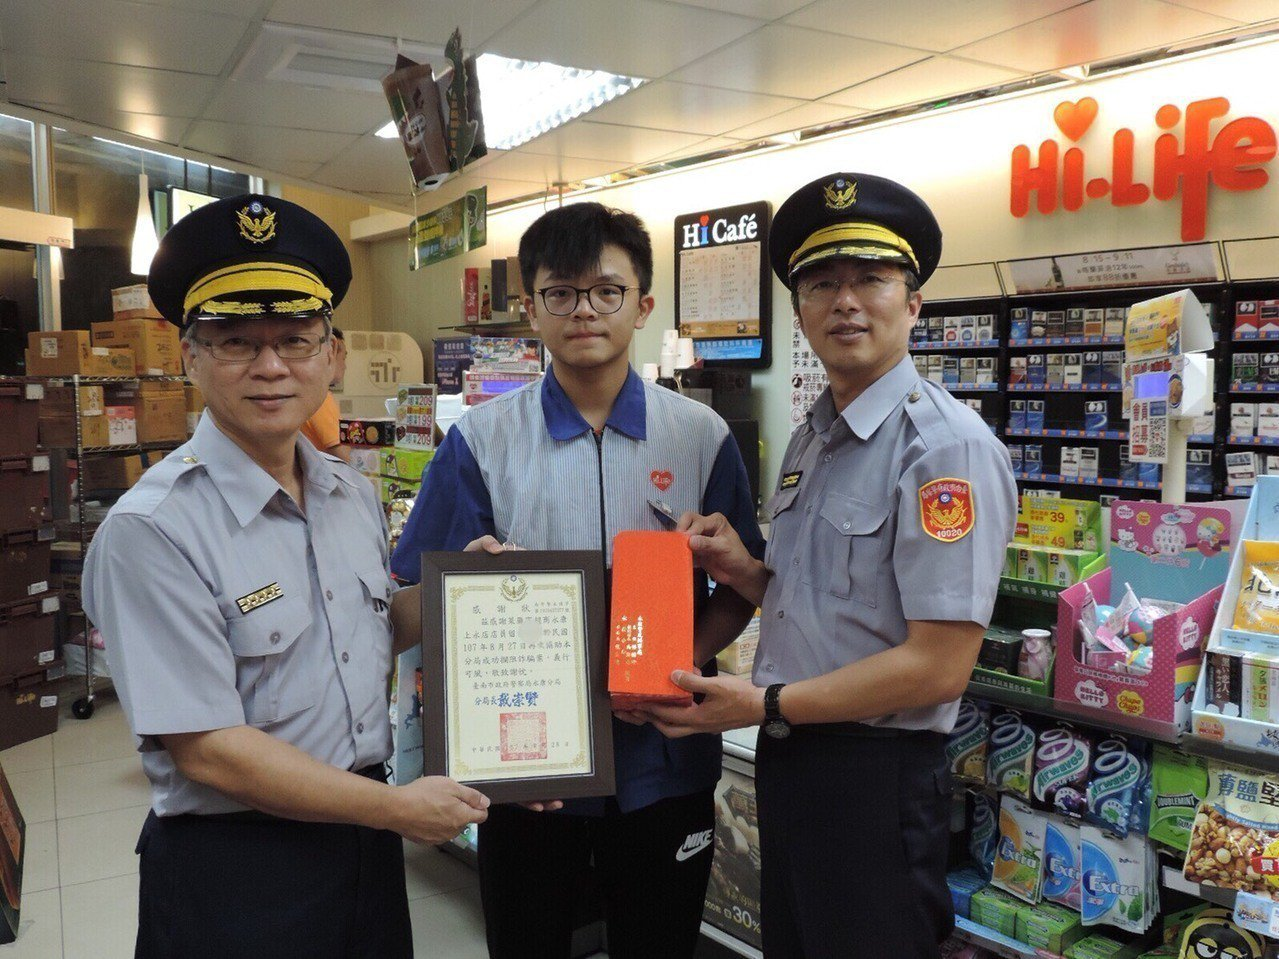 4家萊爾富超商店員連續成功攔阻詐騙,警贈獎感謝。圖/永康分局提供